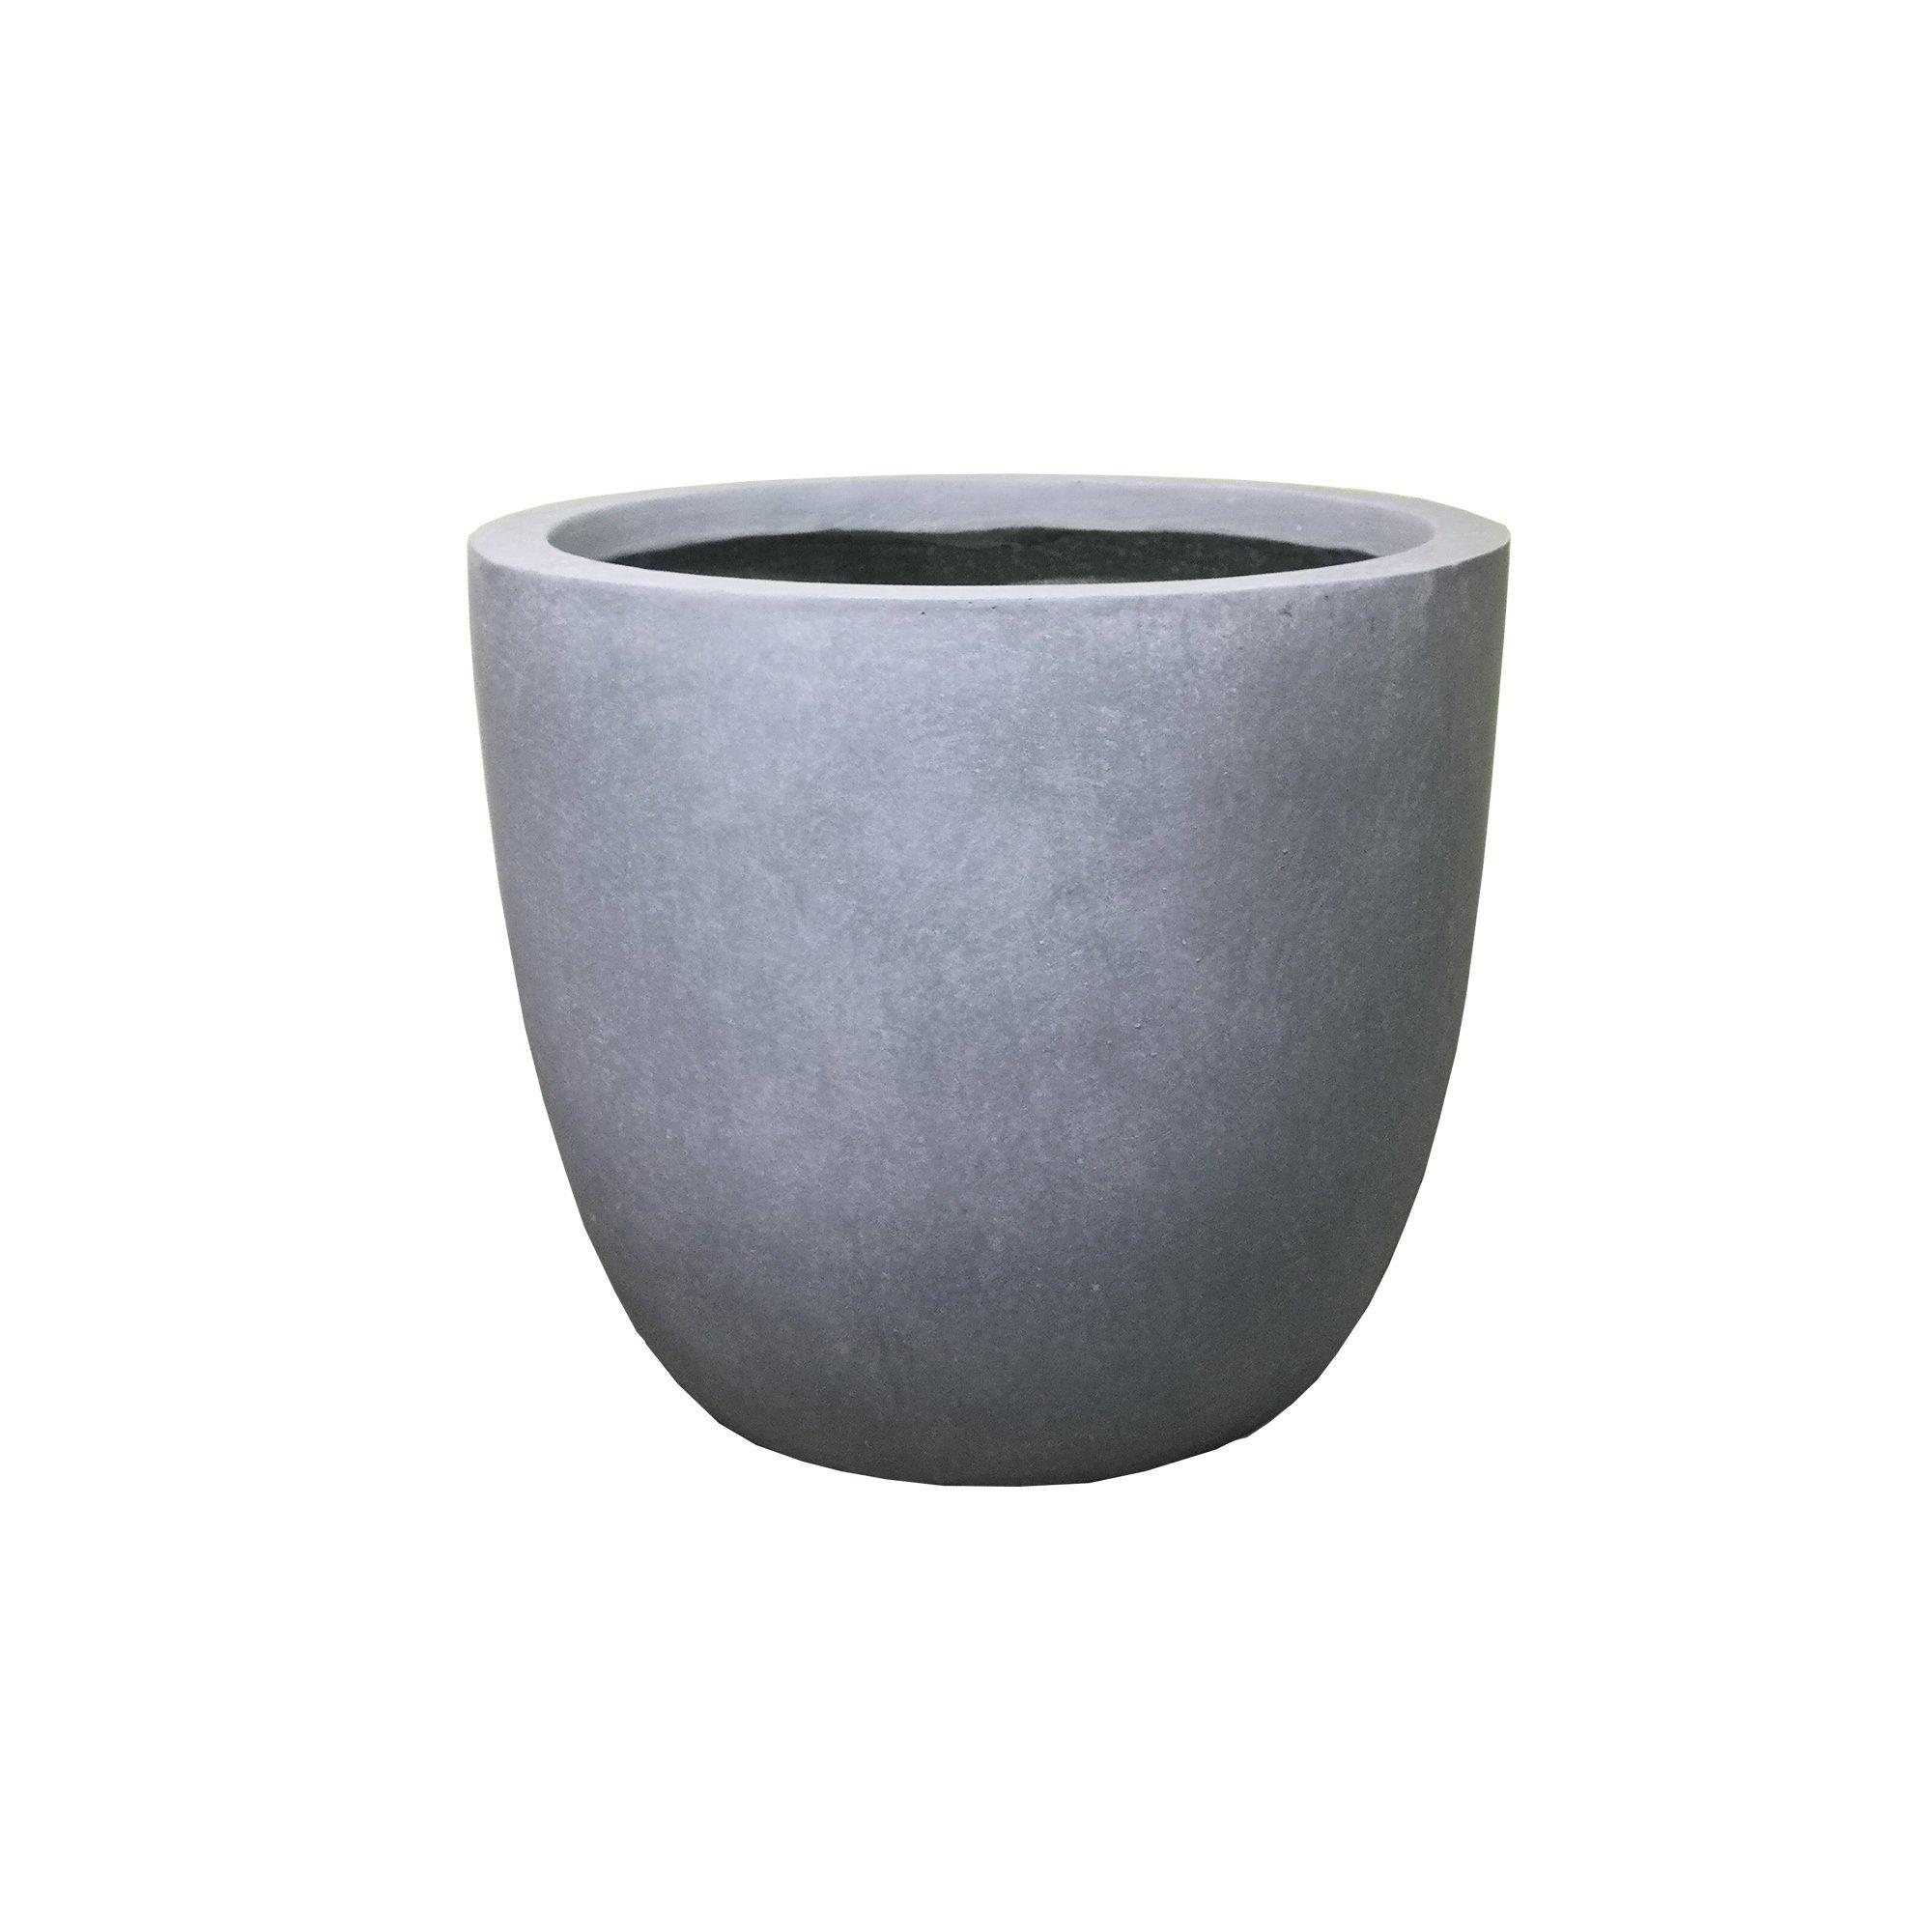 Durx Litecrete Lightweight Concrete Modern Seamless Round Cement Color Planter Medium 13 8 X13 8 X11 8 Modern Planters Outdoor Modern Outdoor Cement Color